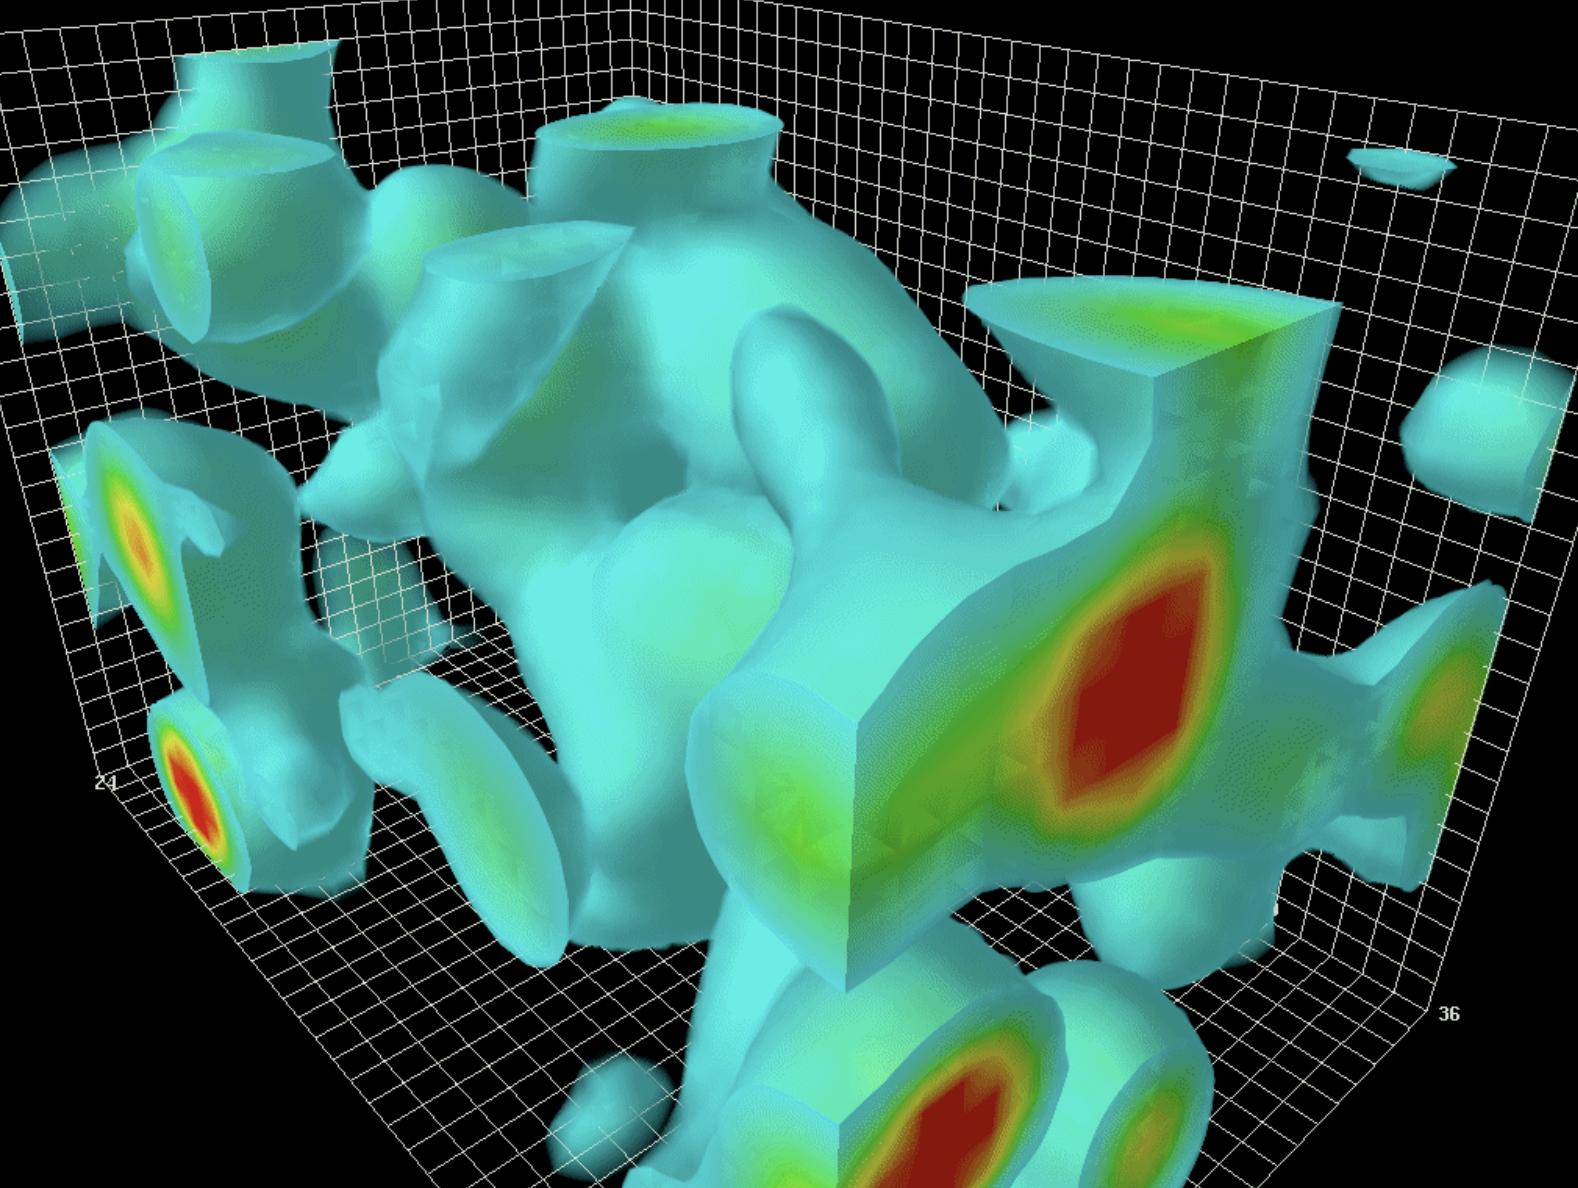 Cuantificando la cuántica: ¿cuál es el sistema más y menos cuántico?